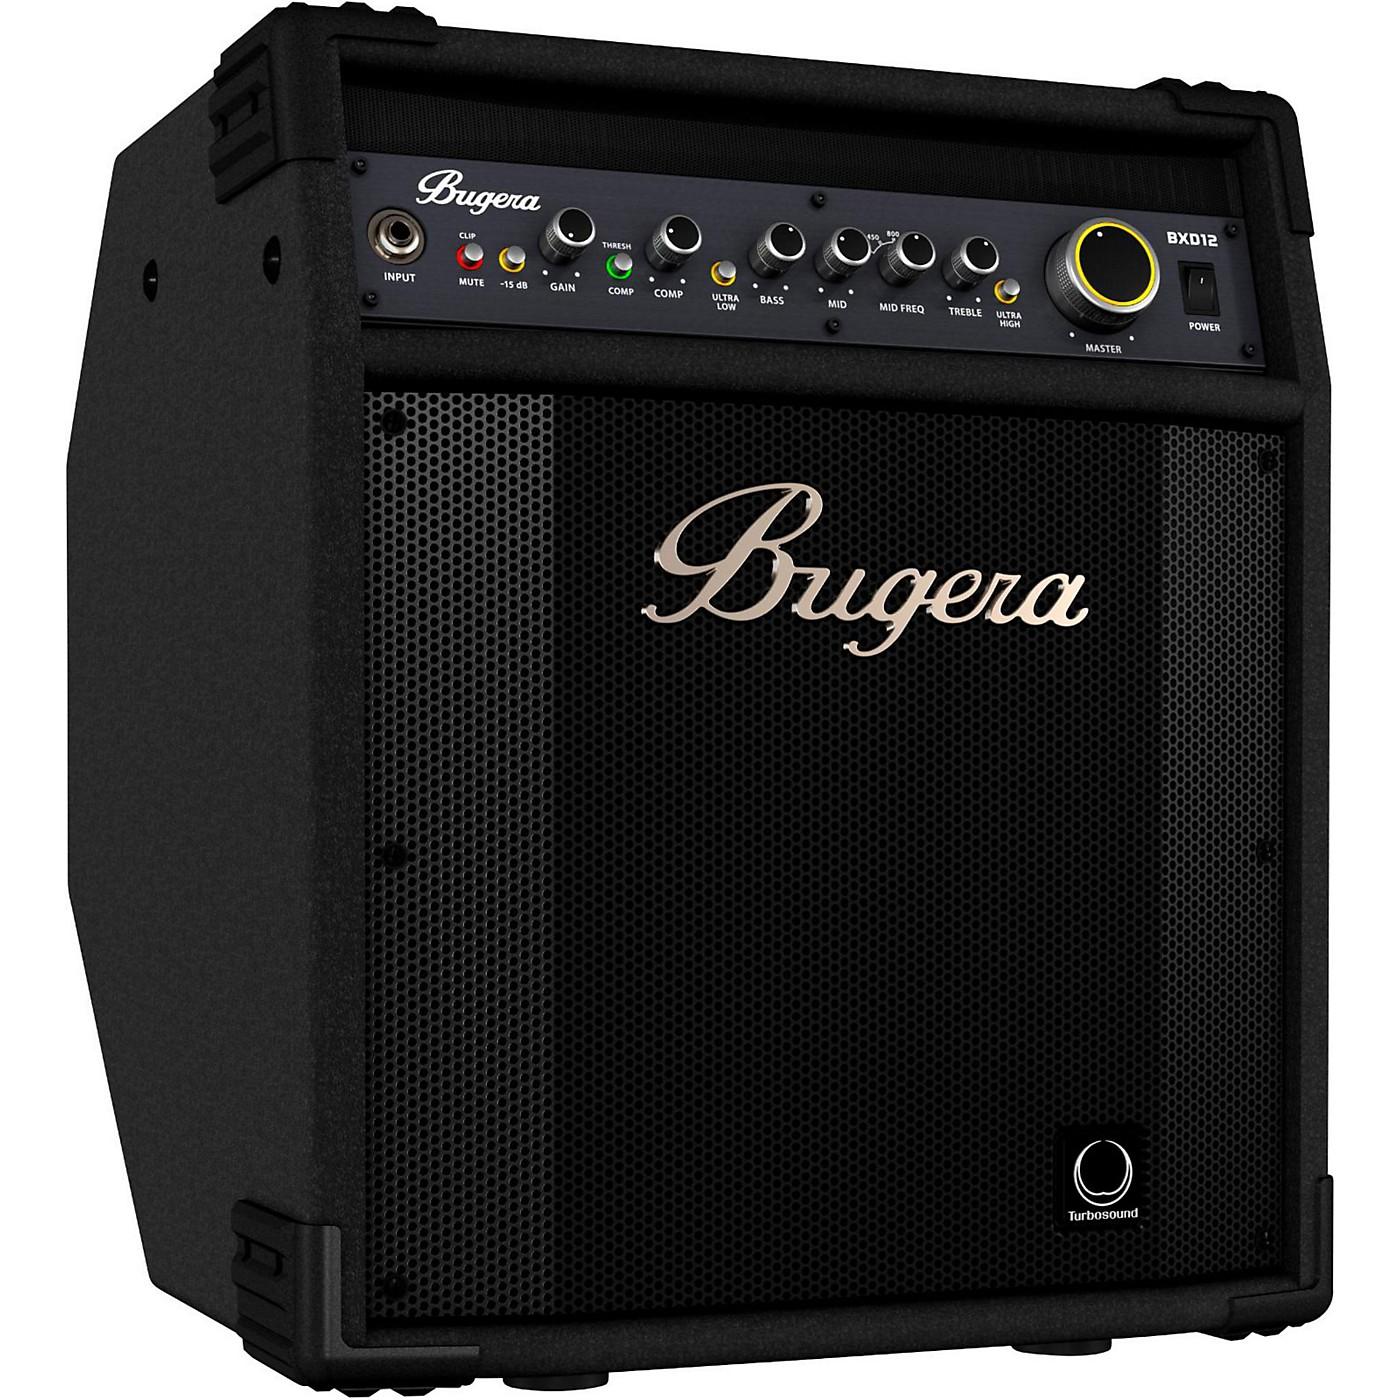 Bugera BXD12 1,000W 1x12 Bass Combo Amplifier thumbnail